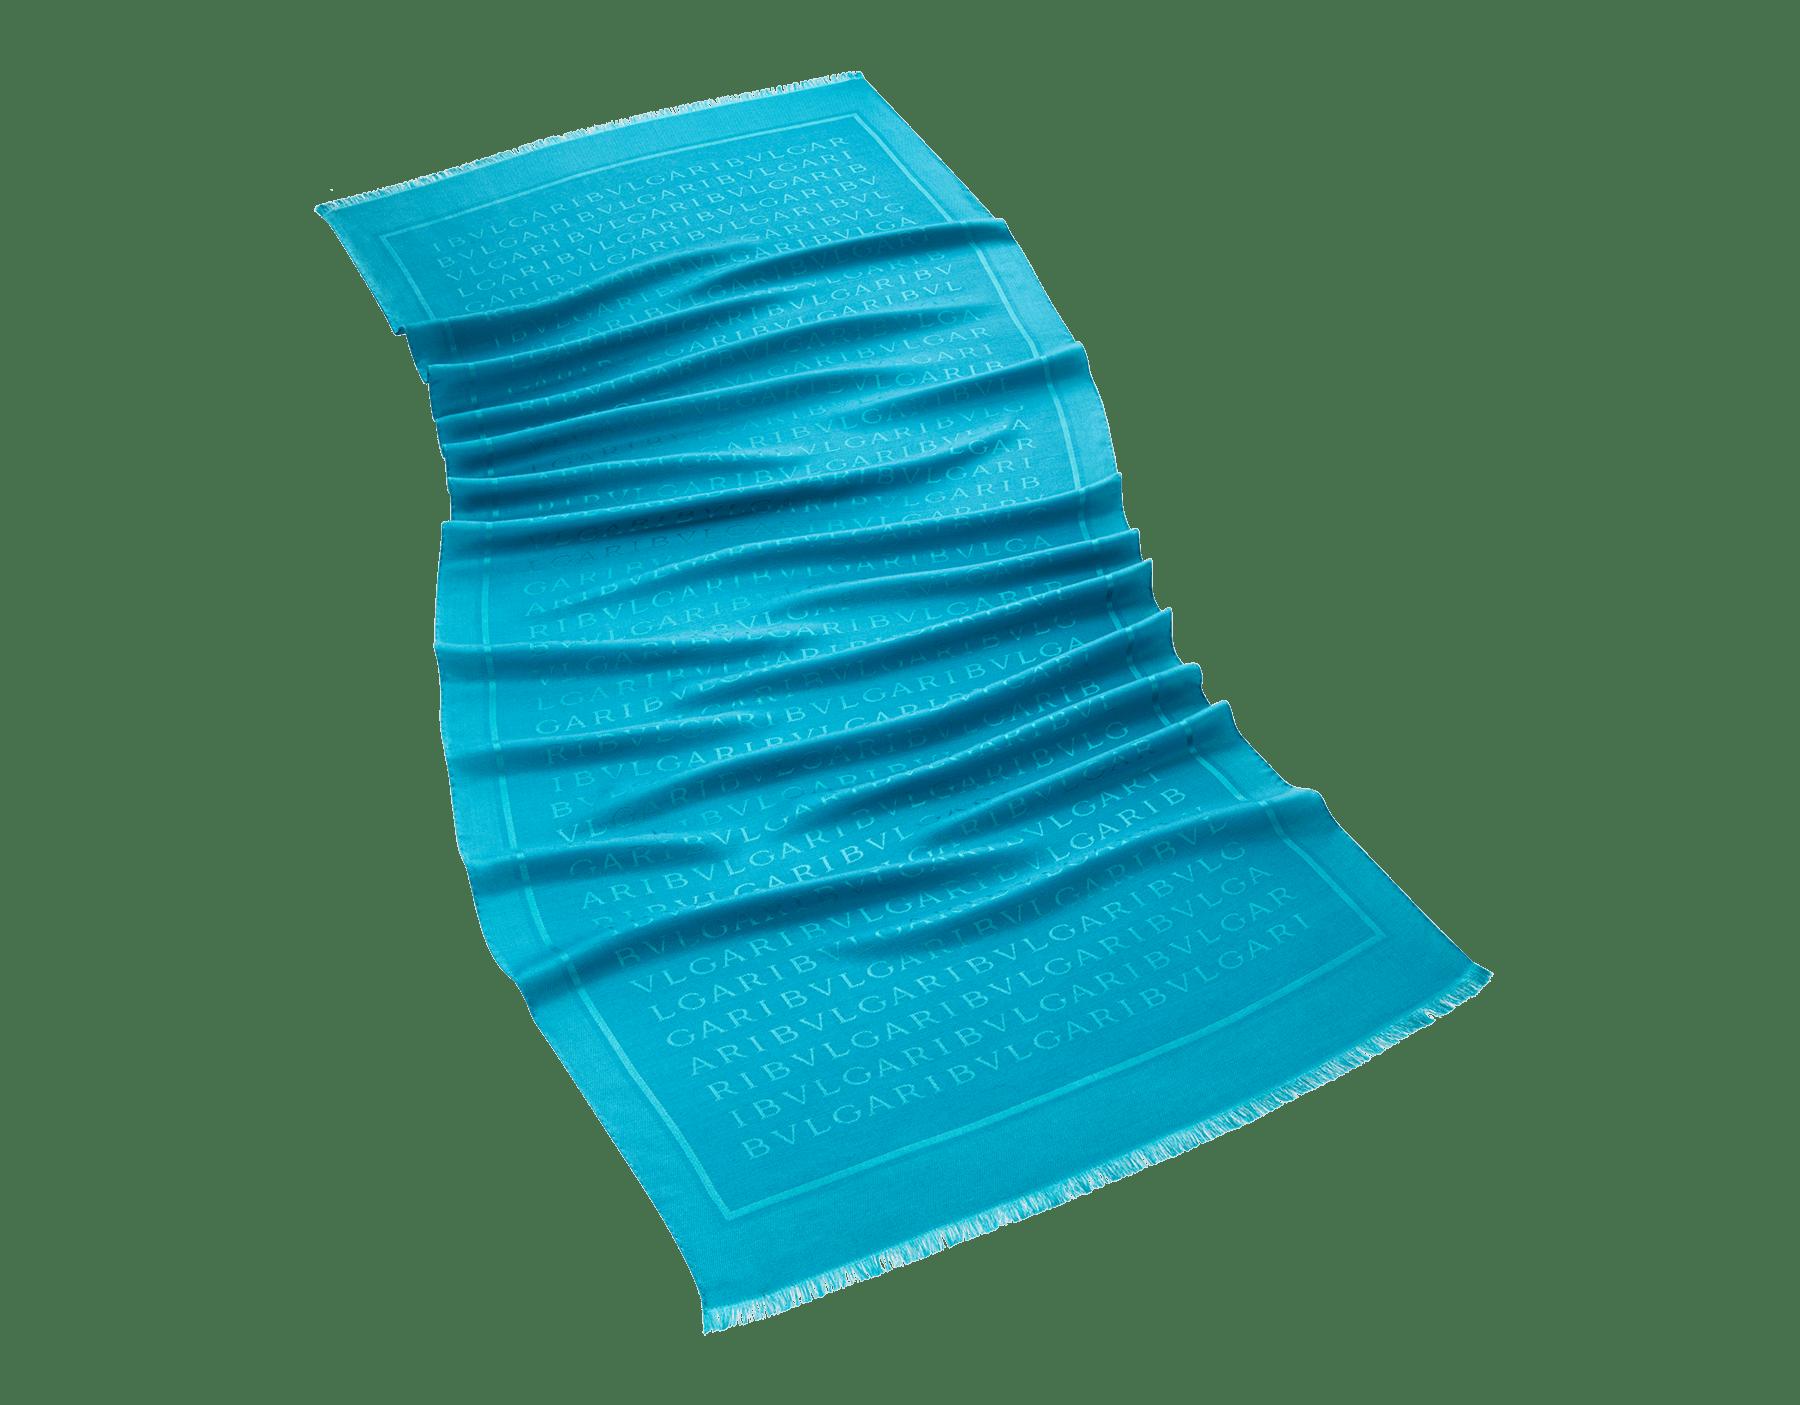 Étole Lettere Maxi en laine et soie fine couleur Capri Turquoise. 244483 image 1